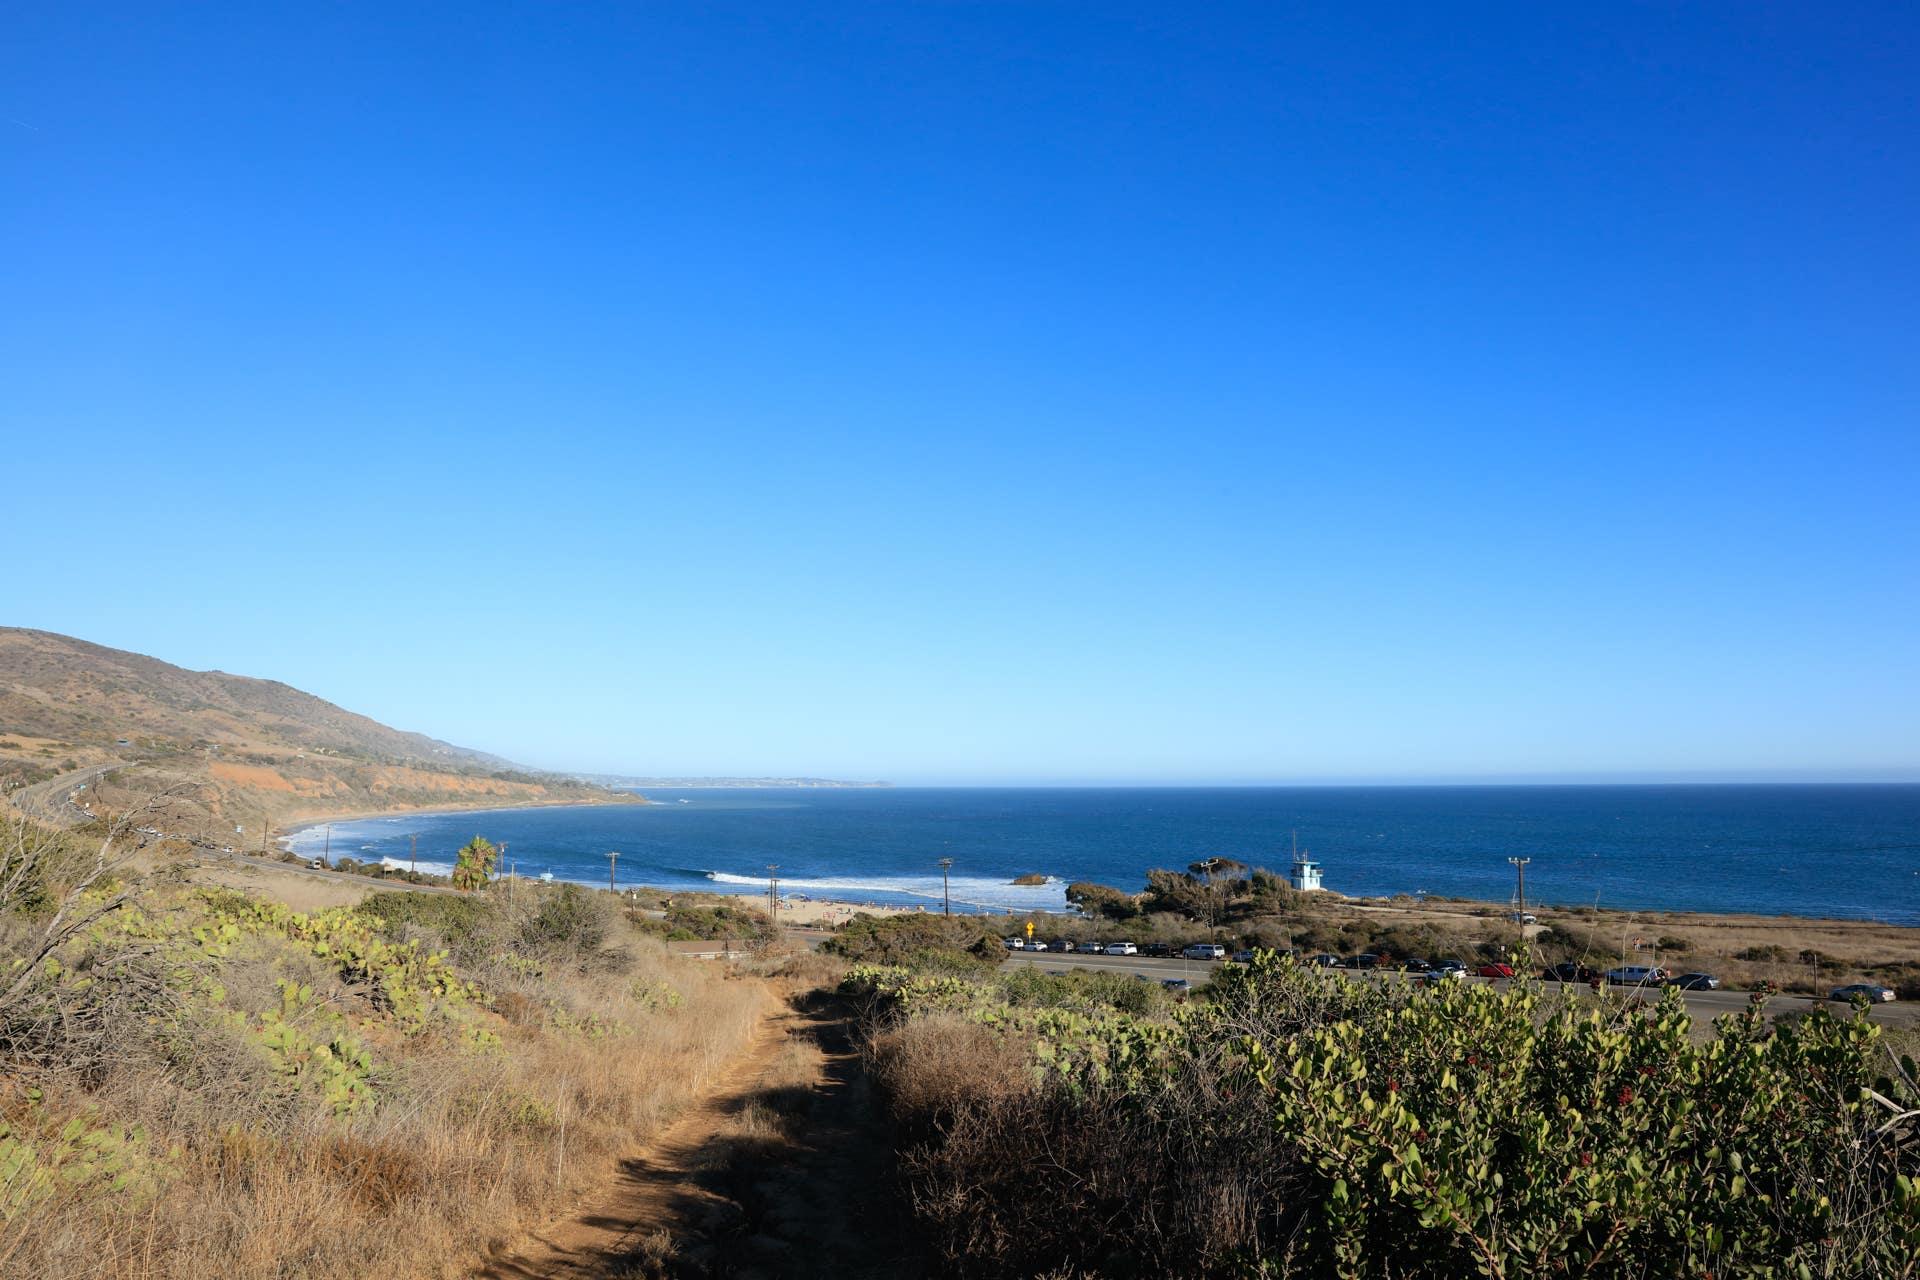 Leo Carrillo State Park in Malibu